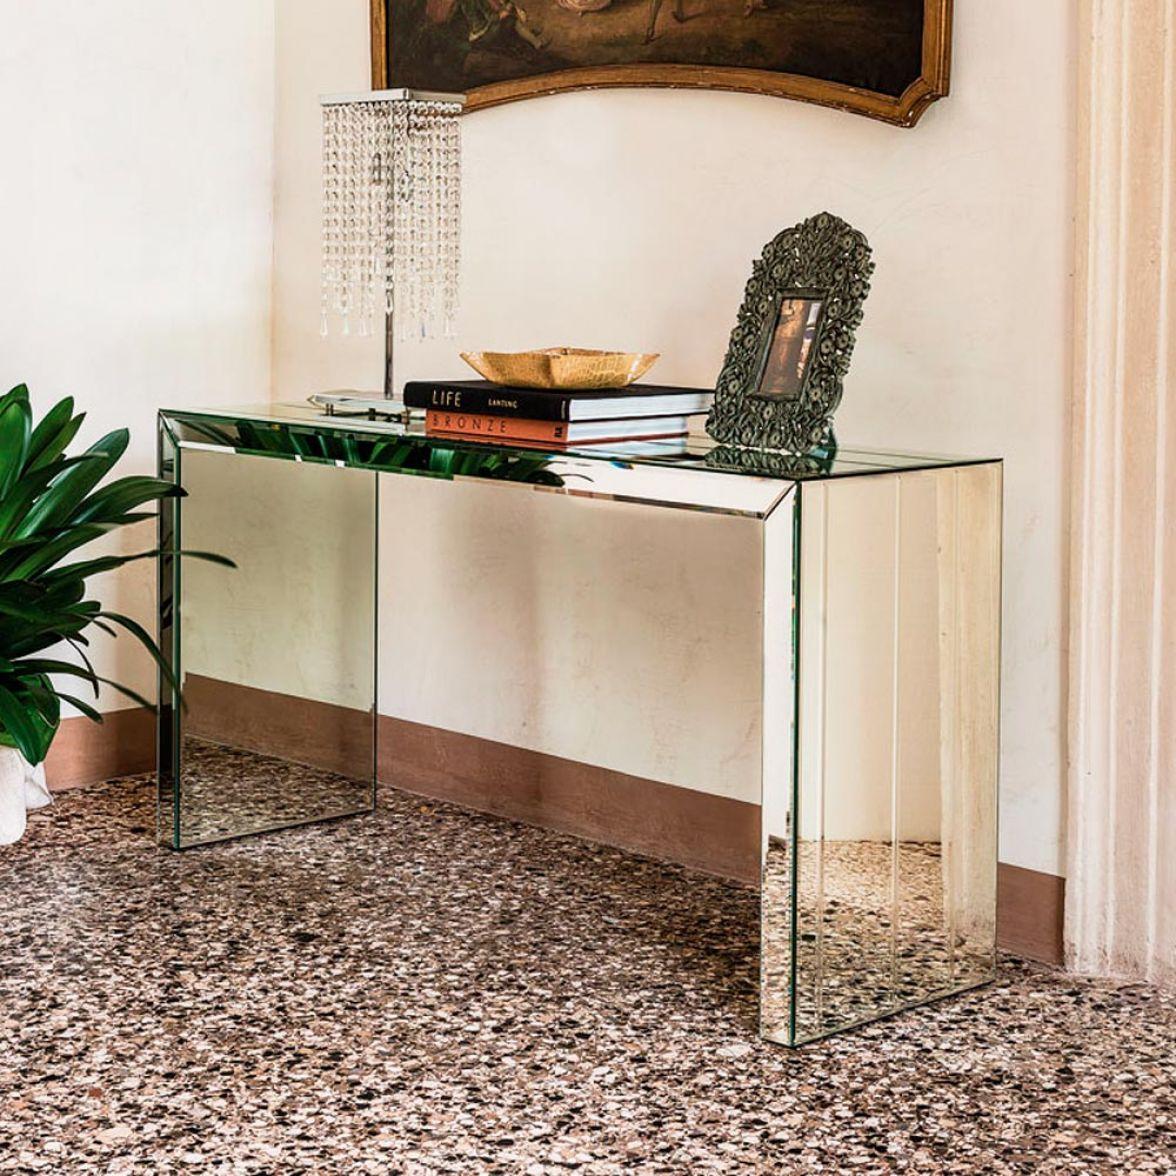 Portofino console фото цена